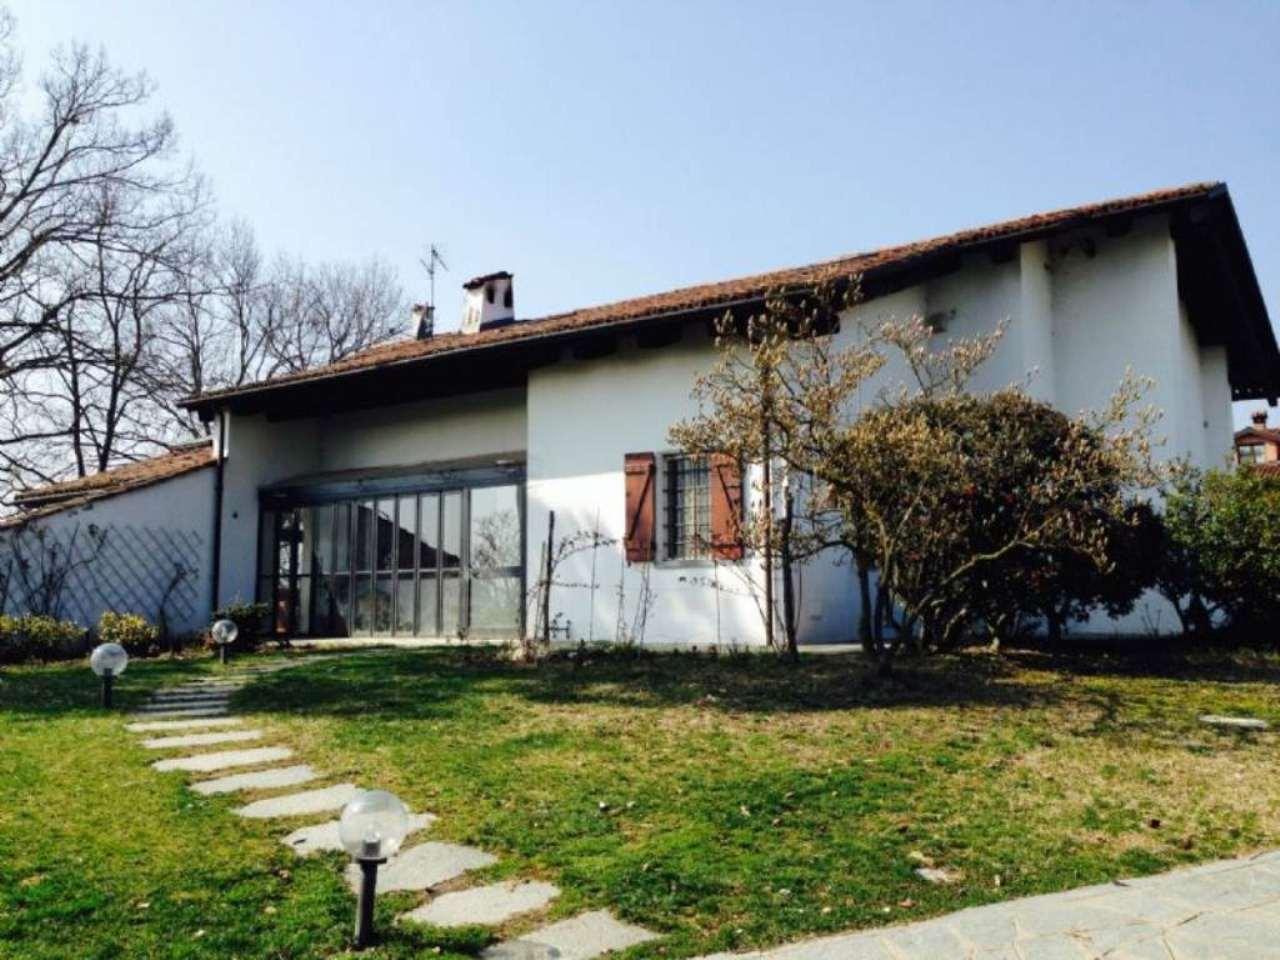 Soluzione Indipendente in vendita a Asti, 9999 locali, prezzo € 298.000 | Cambio Casa.it